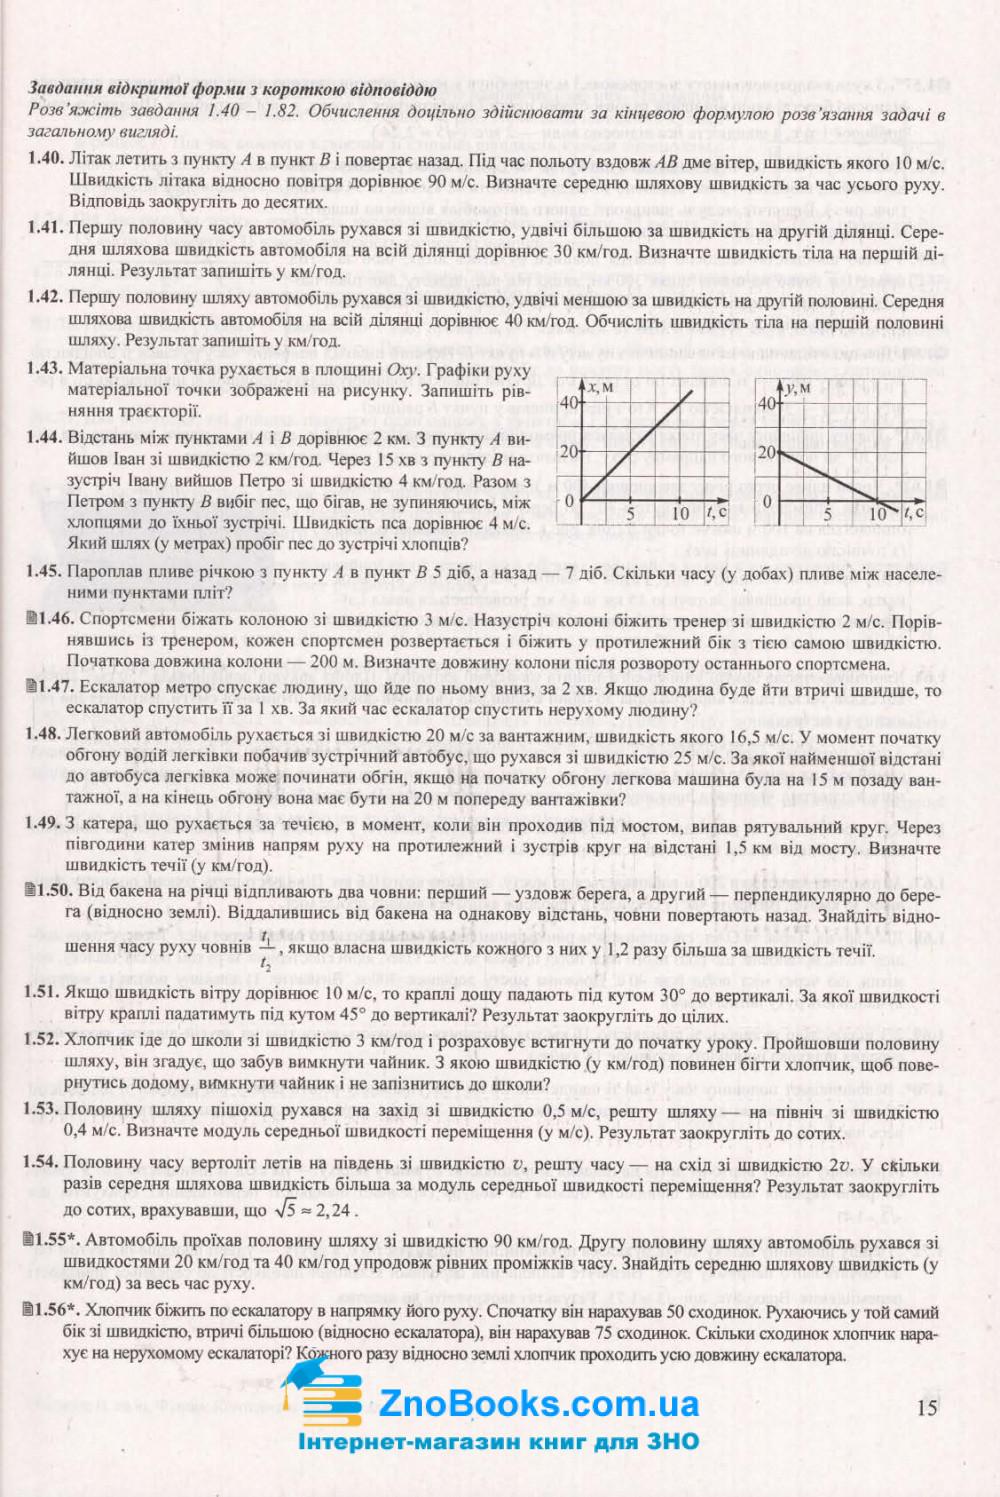 ЗНО 2021 Фізика. Комплексне видання : Струж Н. Підручники і посібники. купити 10